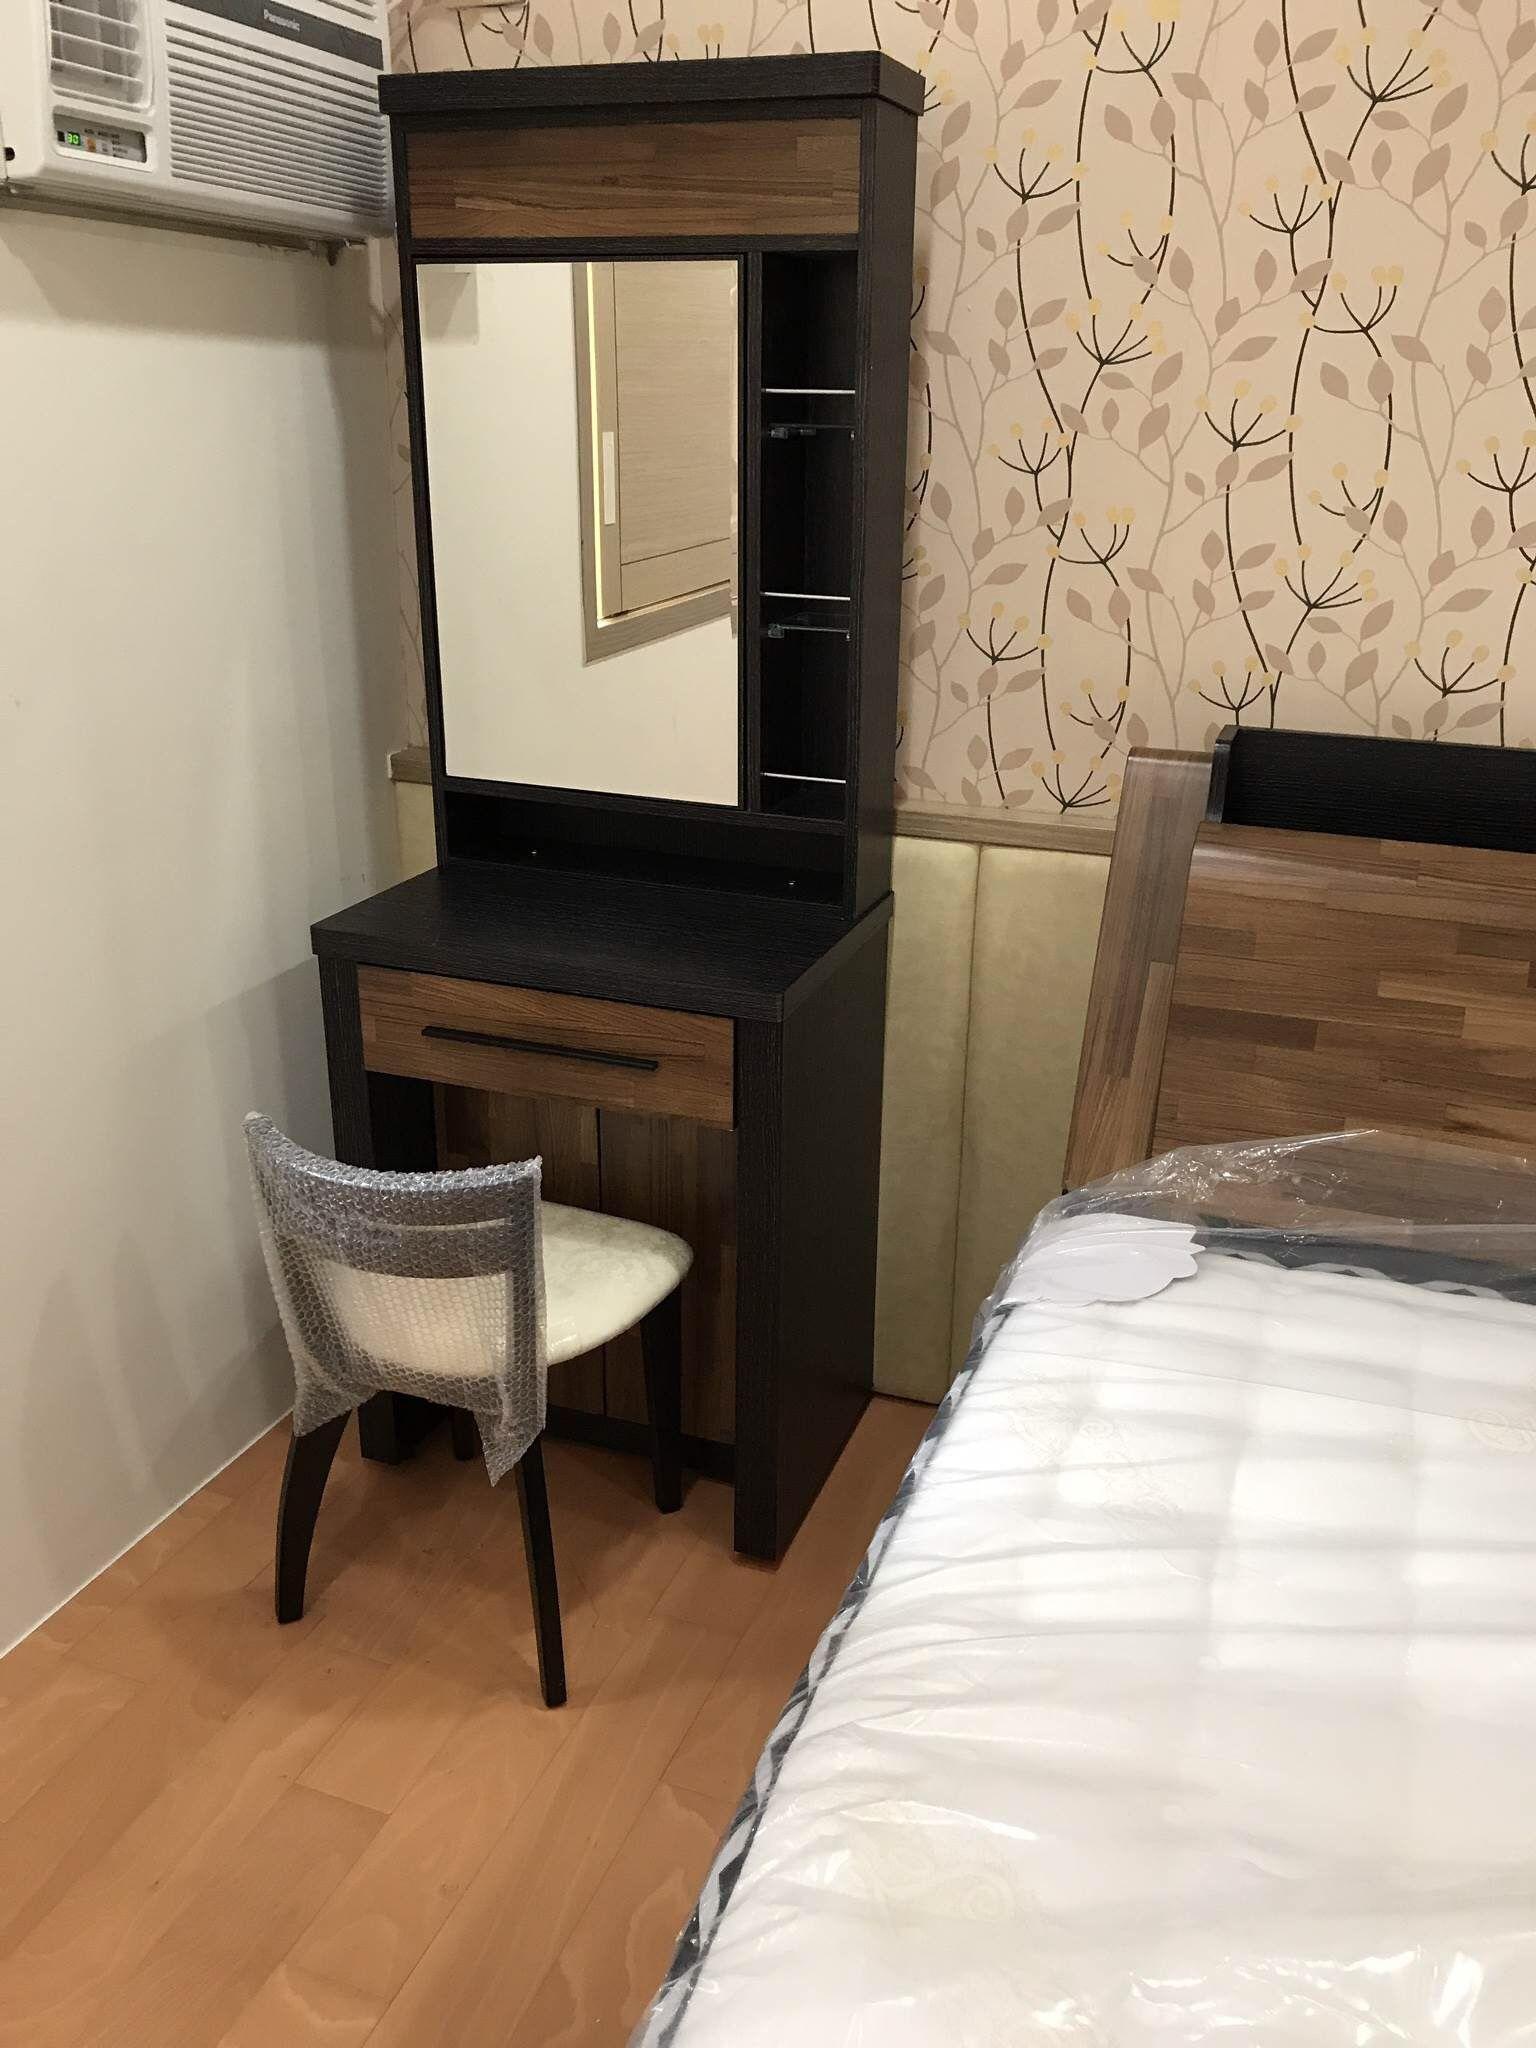 小倆口準備為新房床墊床台家具ㄧ直在尋找喜歡有質感的家具 趁5月特惠